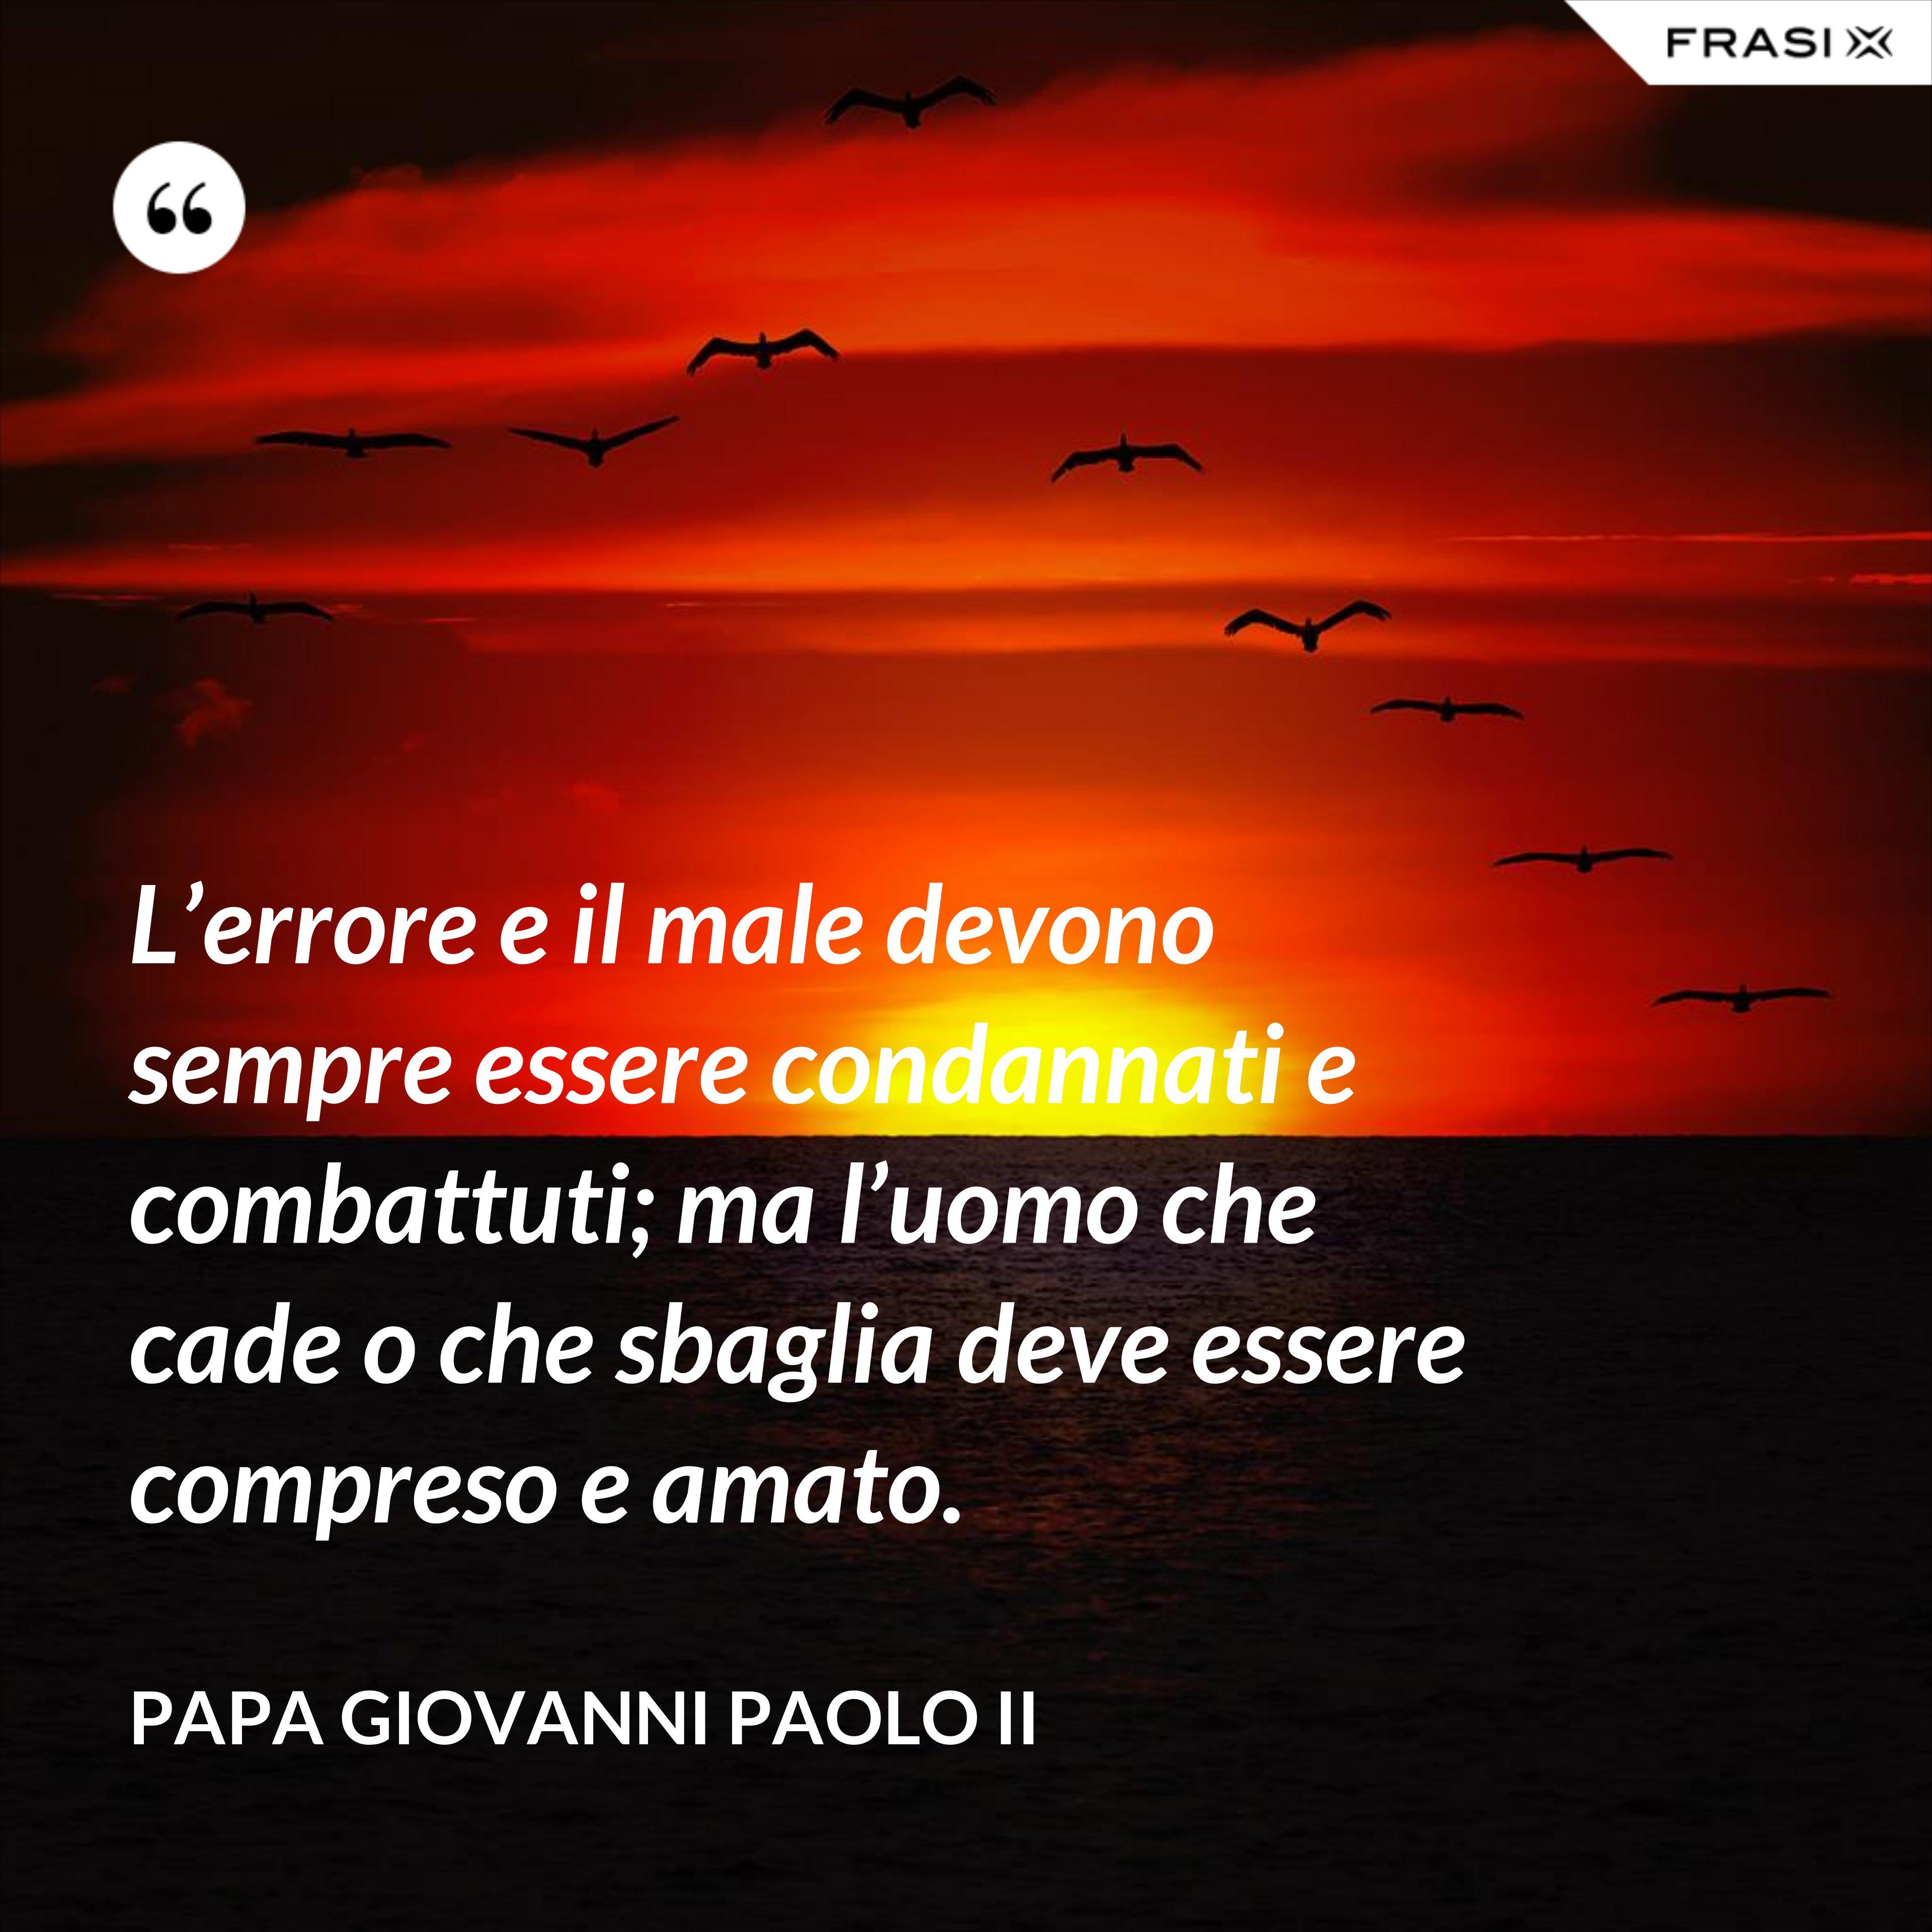 L'errore e il male devono sempre essere condannati e combattuti; ma l'uomo che cade o che sbaglia deve essere compreso e amato. - Papa Giovanni Paolo II